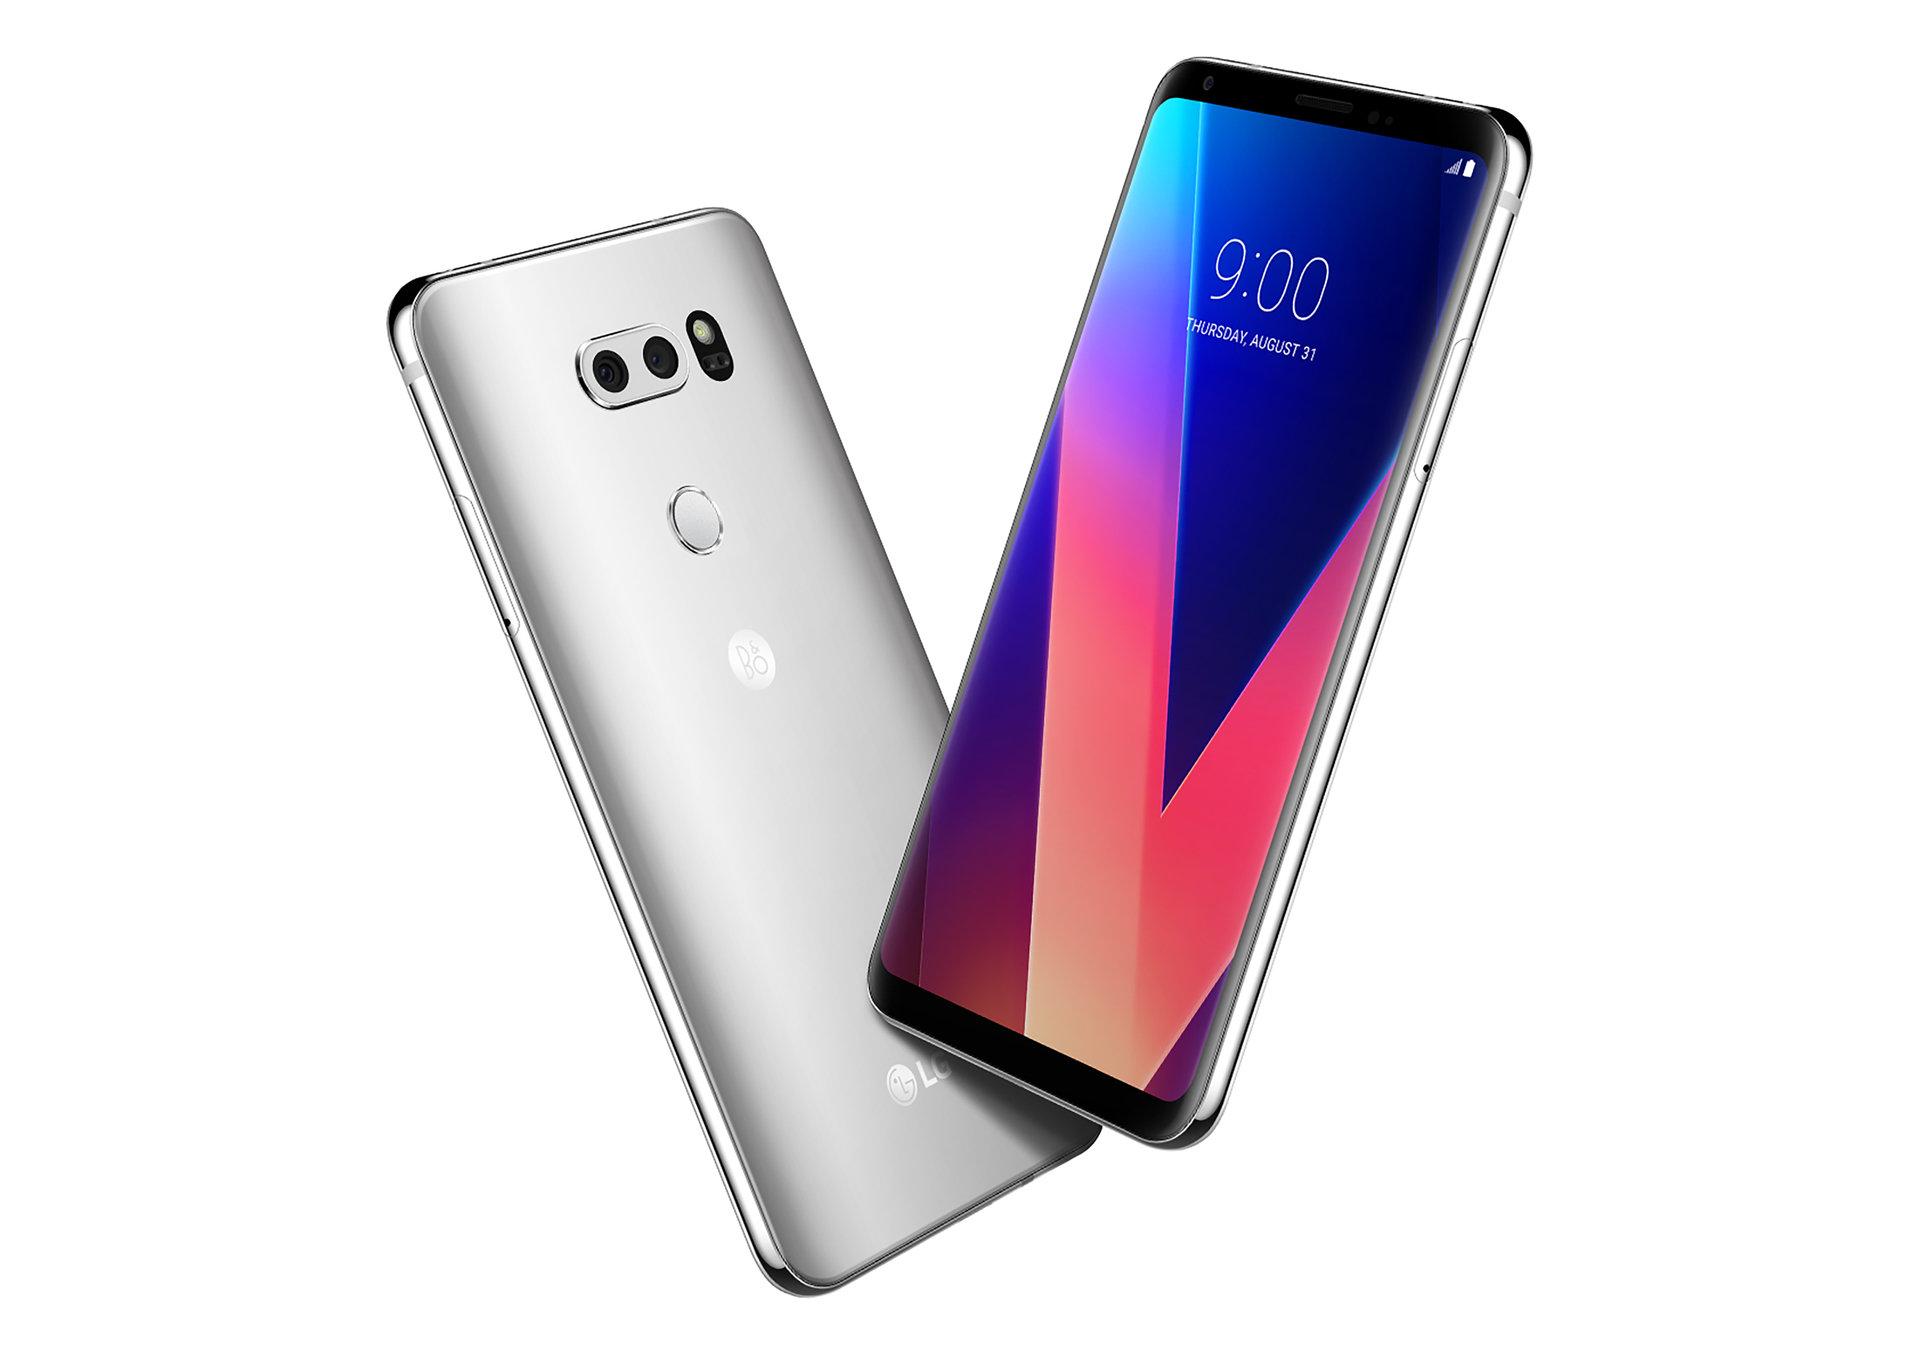 Smartfon LG V30 najważniejszym produktem IFA 2017